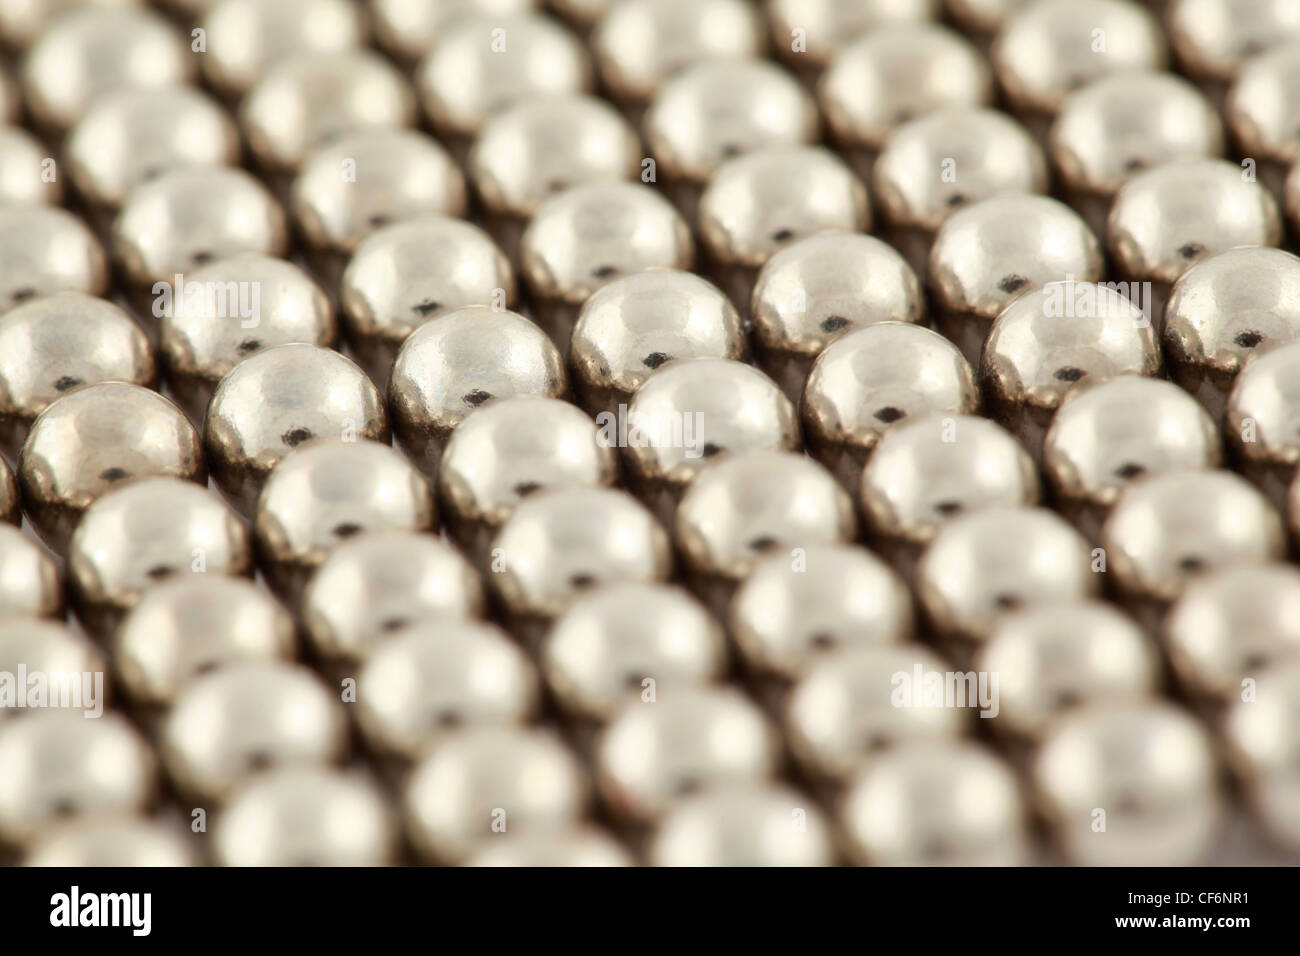 Abalorios plateados están entrelazados Imagen De Stock